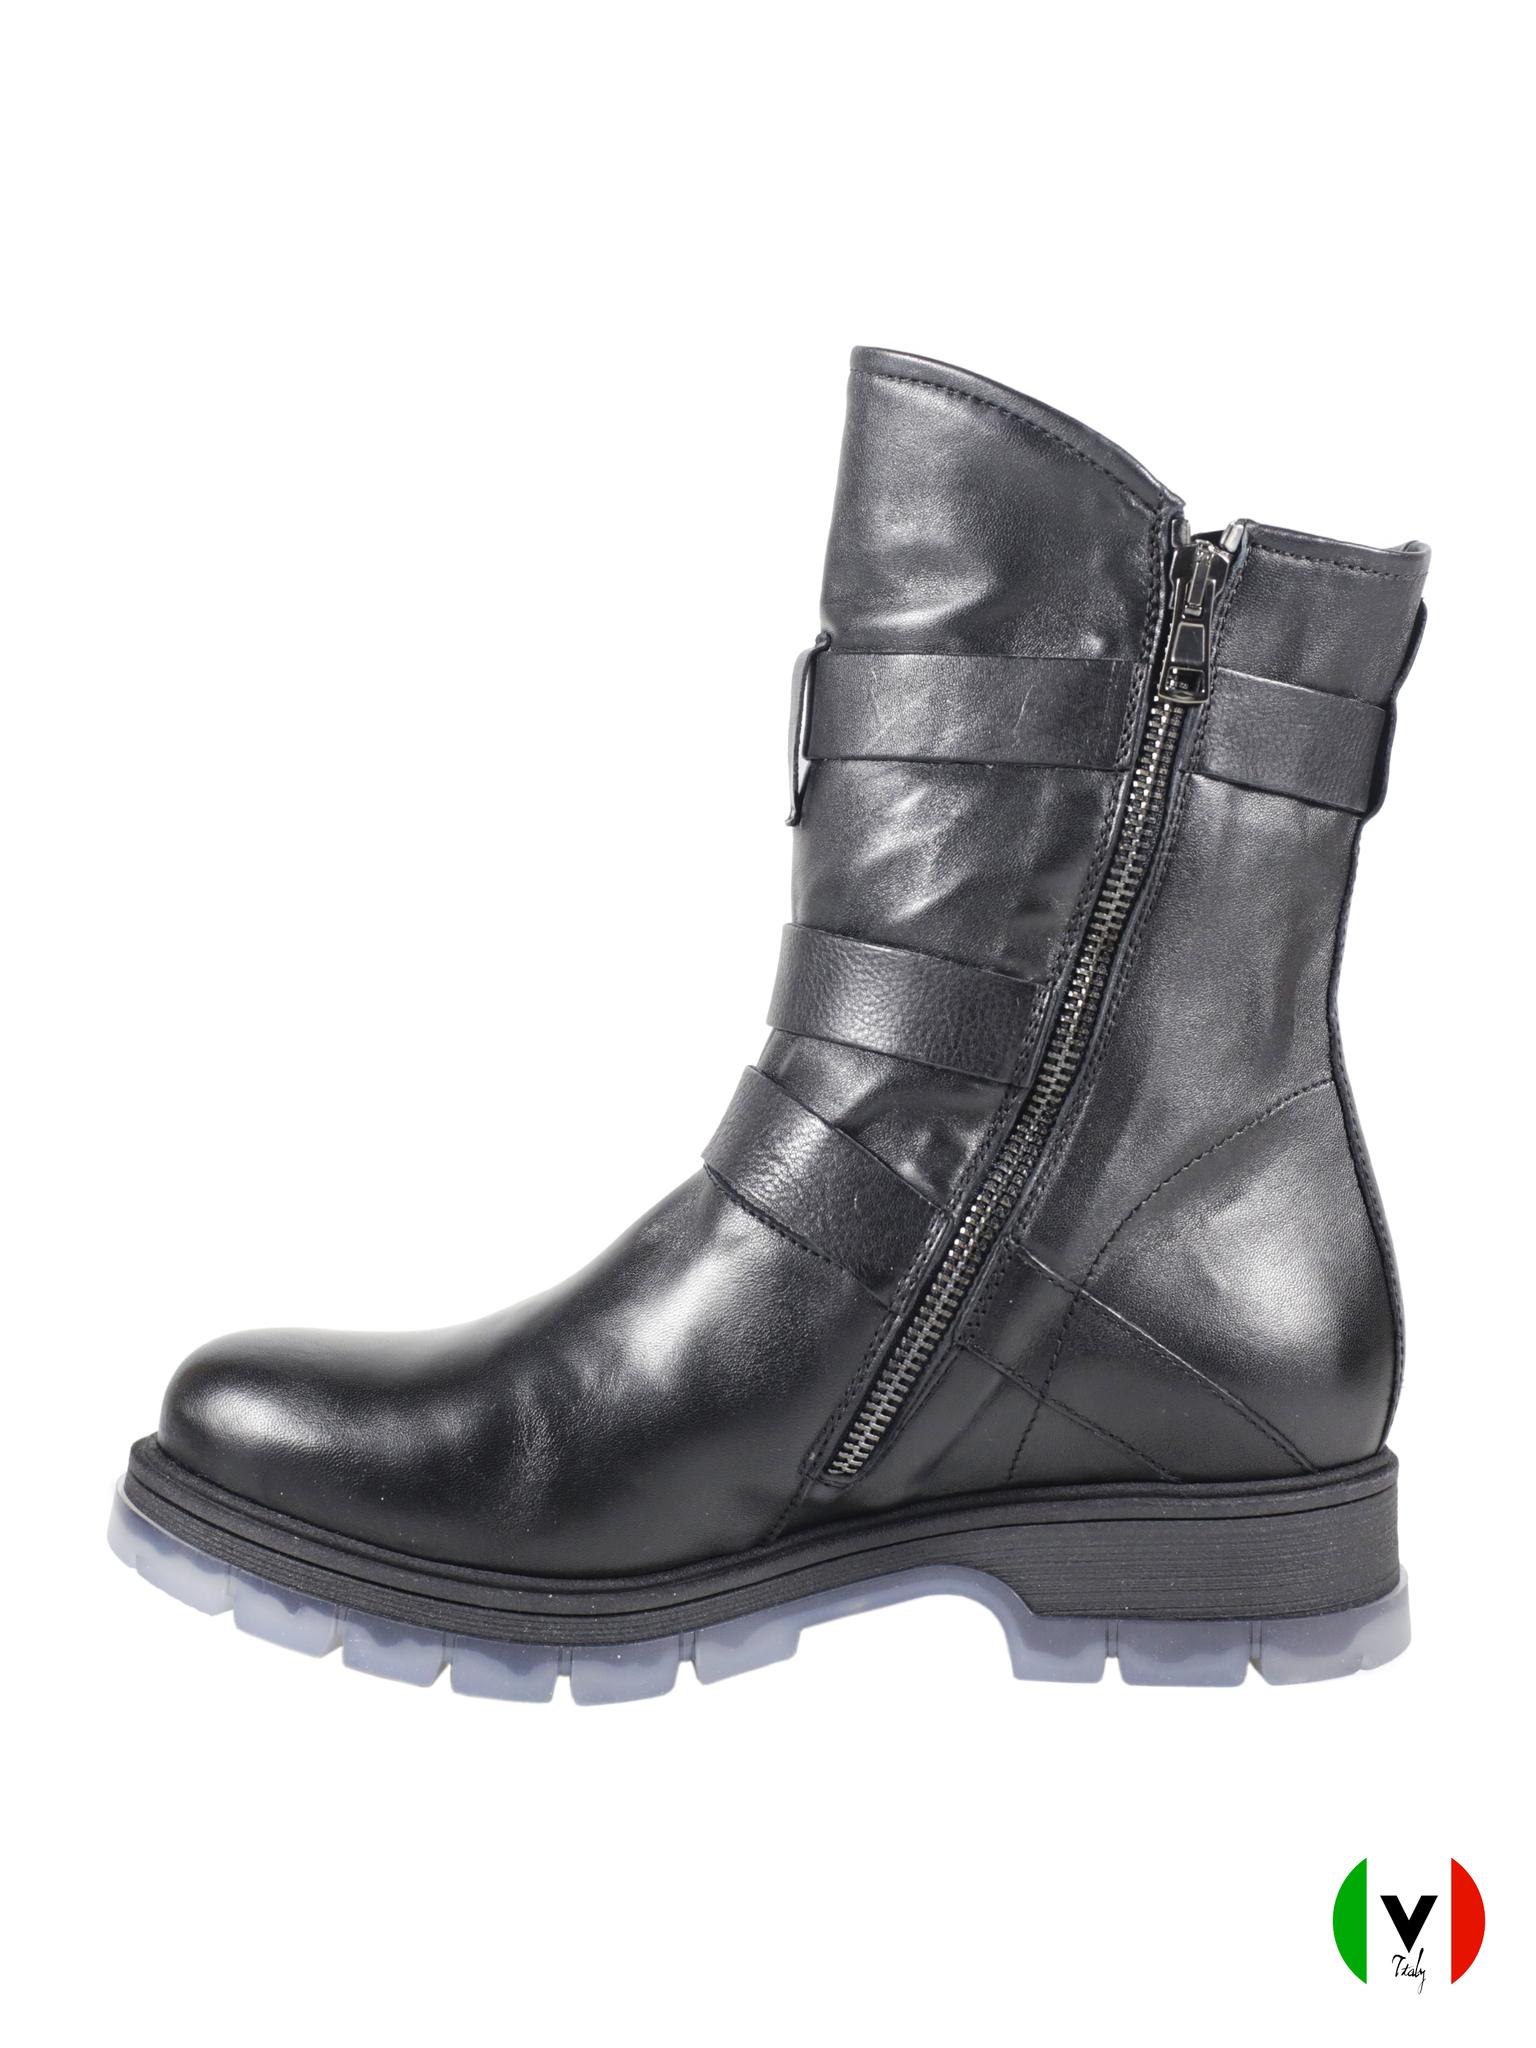 Зимние ботинки Fru.it с кожаными ремешками 5826, артикул 5826, сезон зима, цвет чёрный, материал кожа, цена 17 500 руб., veroitaly.ru